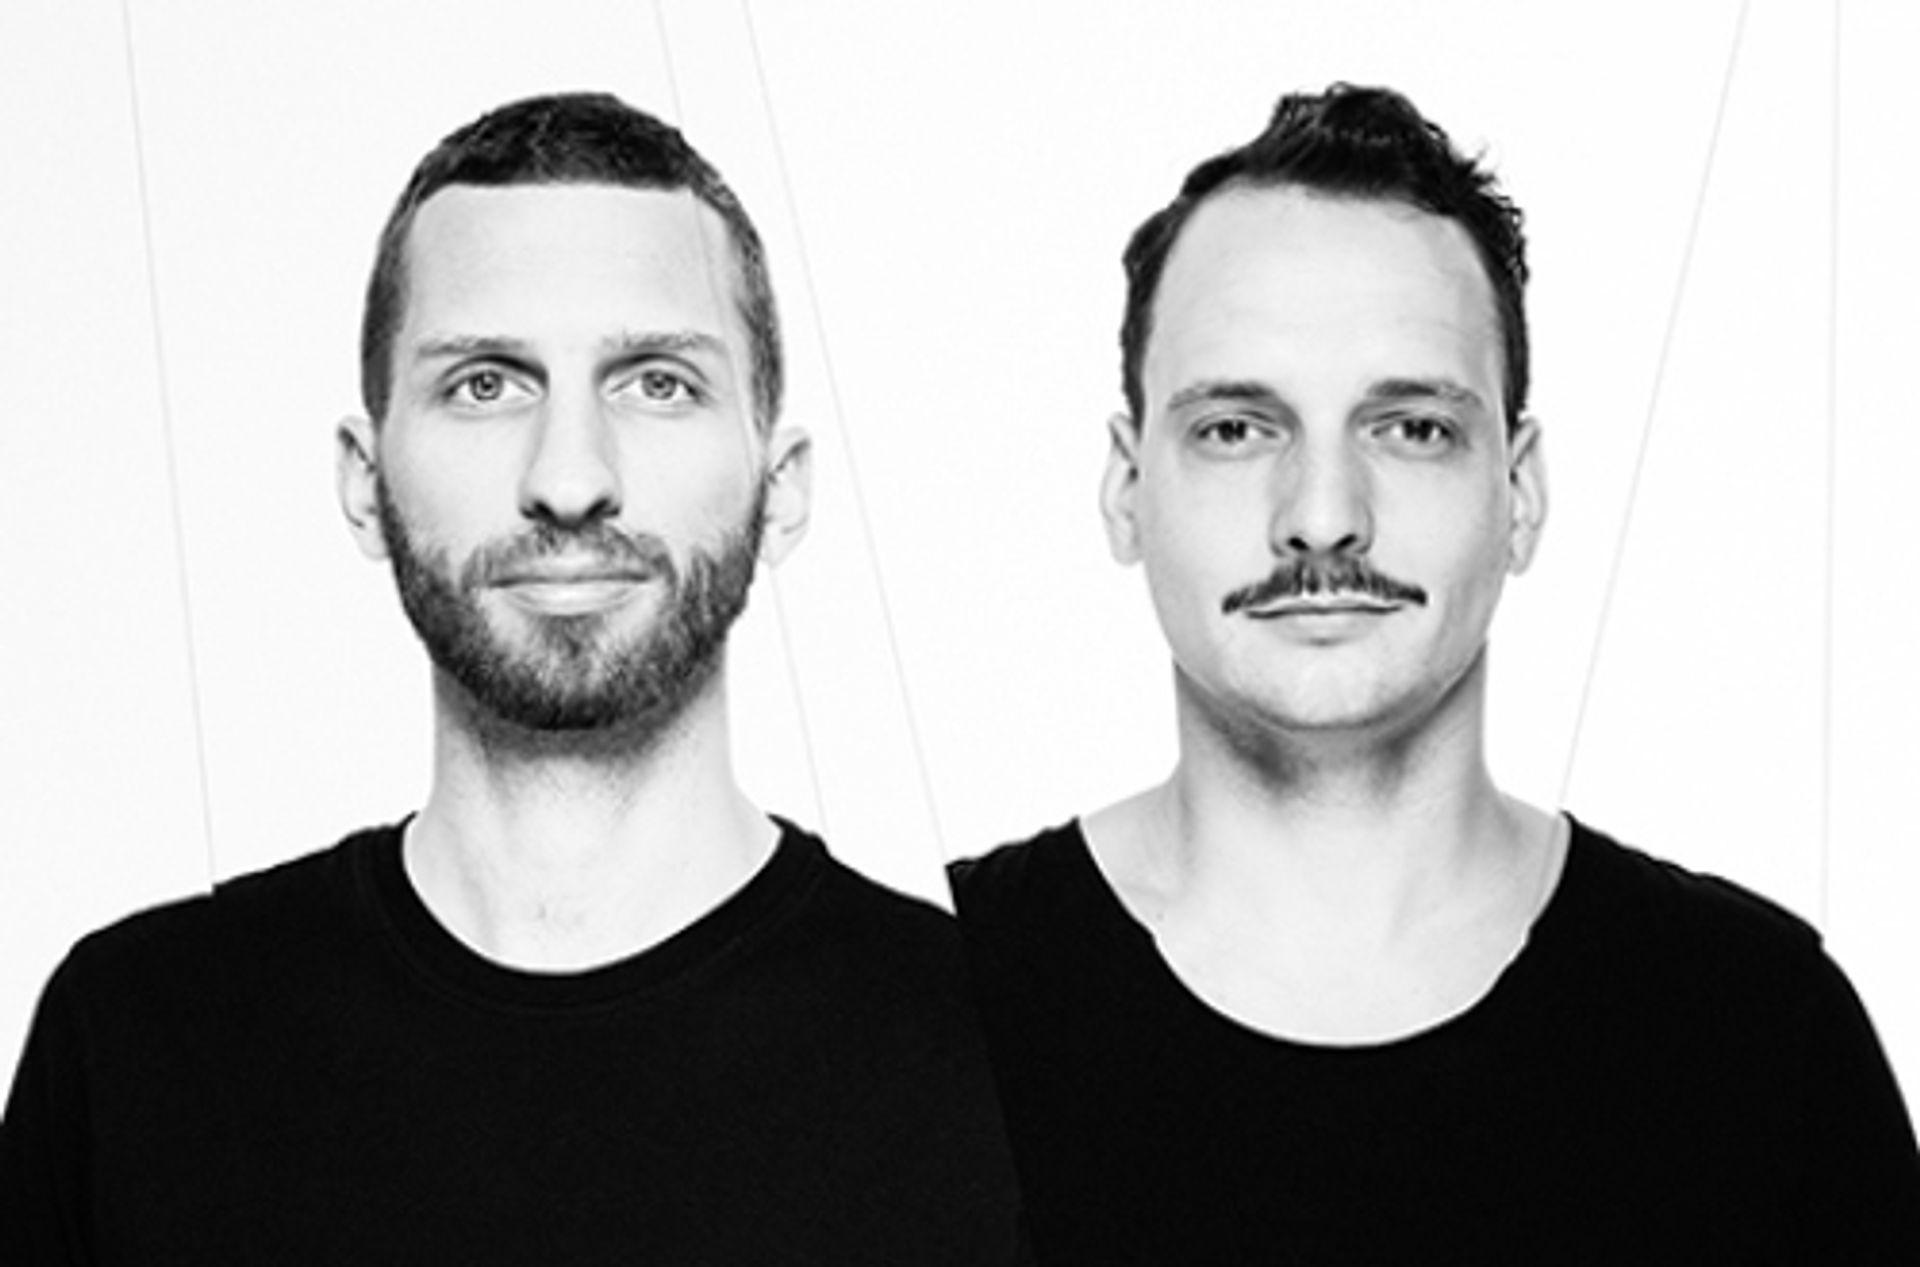 DJ Shortlist: Detroit Swindle bereidt zich voor op nieuw album en optreden in de A'Dam toren